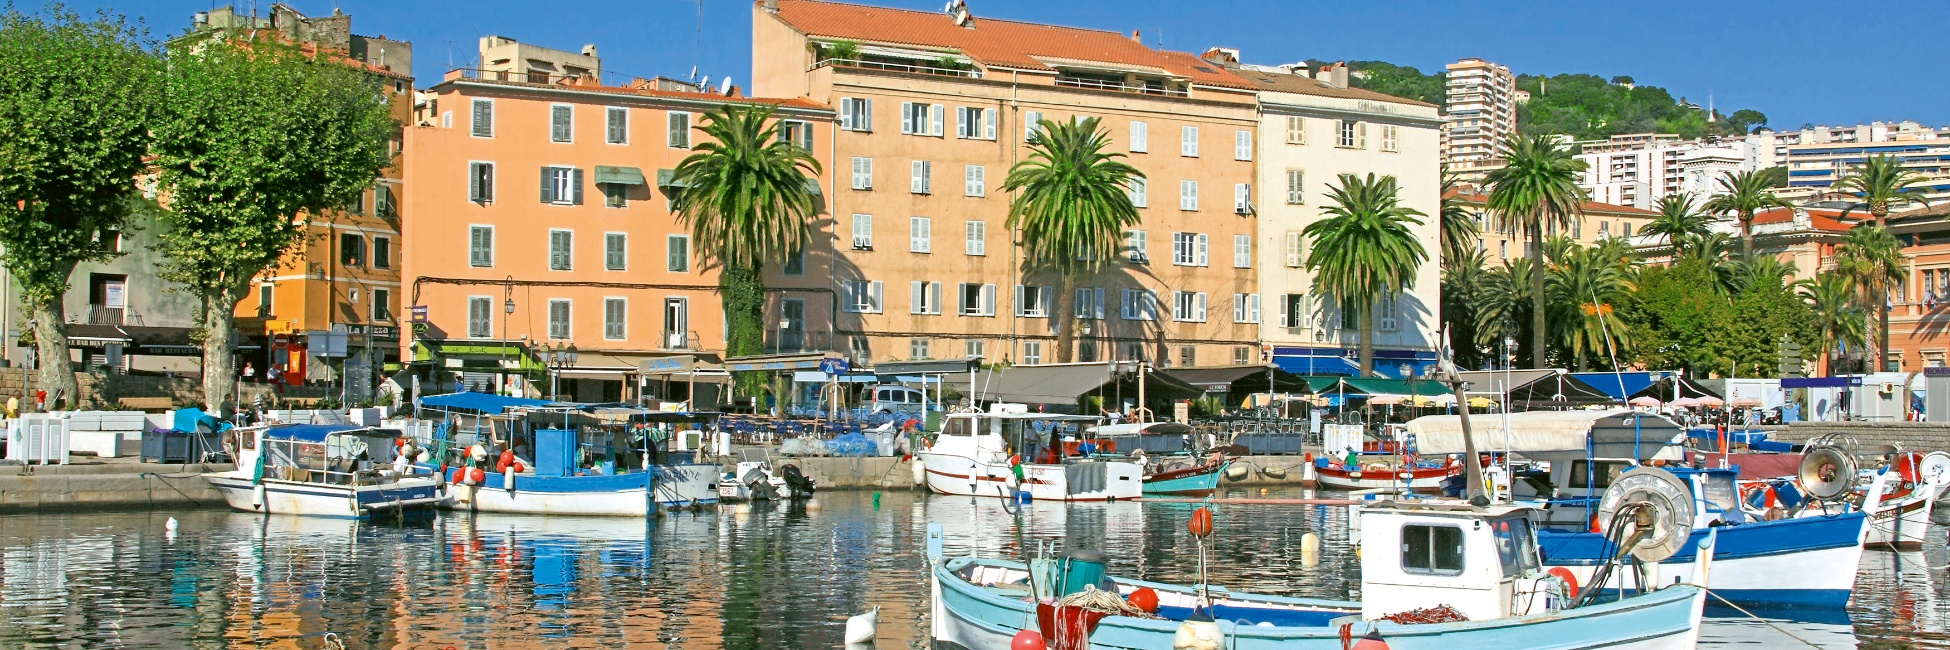 Croisière Grand tour de Corse - 11